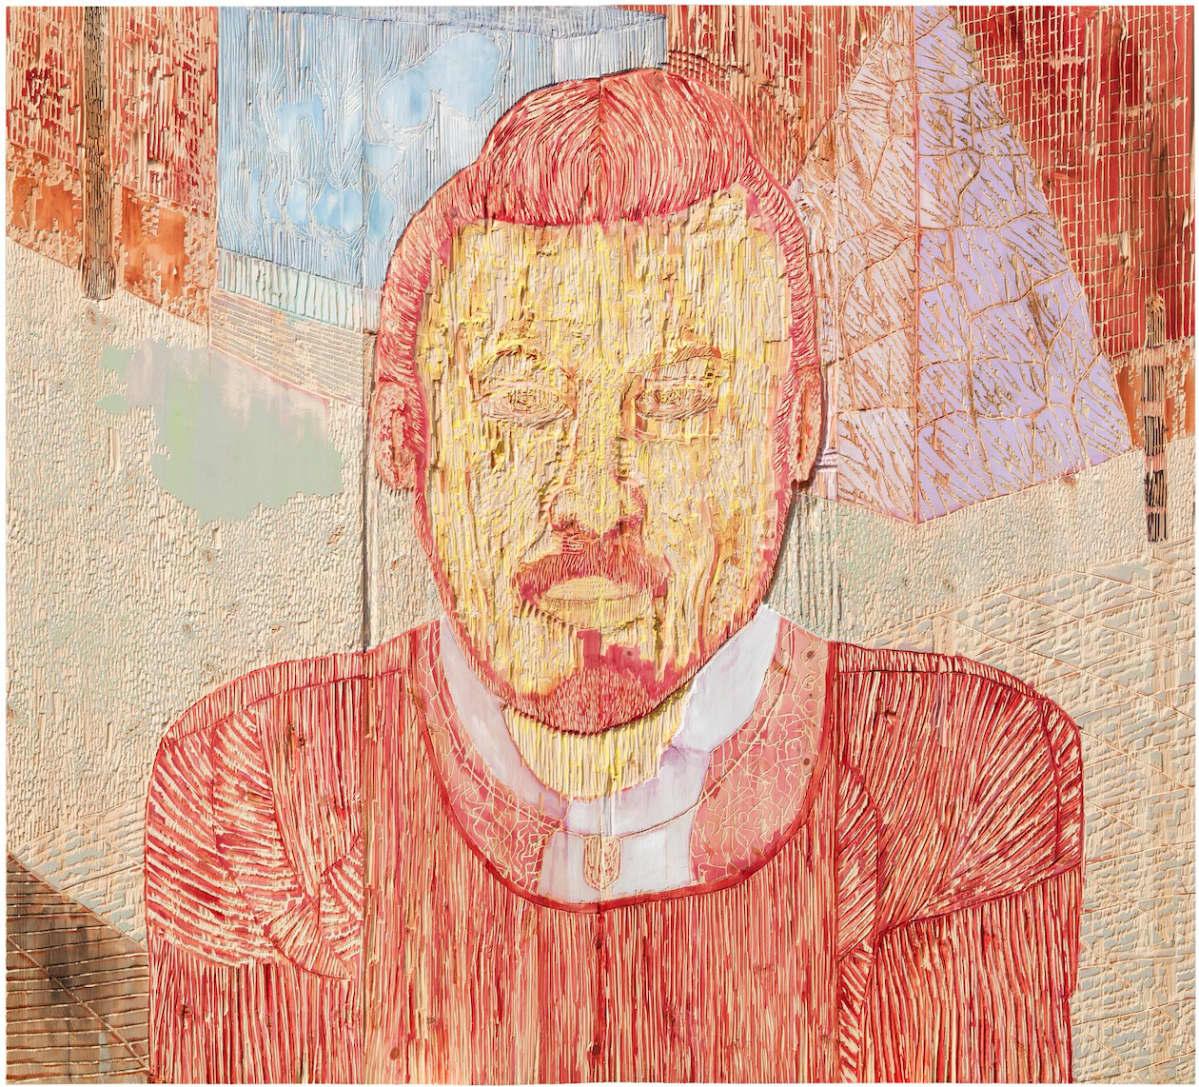 Mies risteyksessä, maalaus- ja kaiverrus mäntylevylle. 185 x 210 cm, 2013.